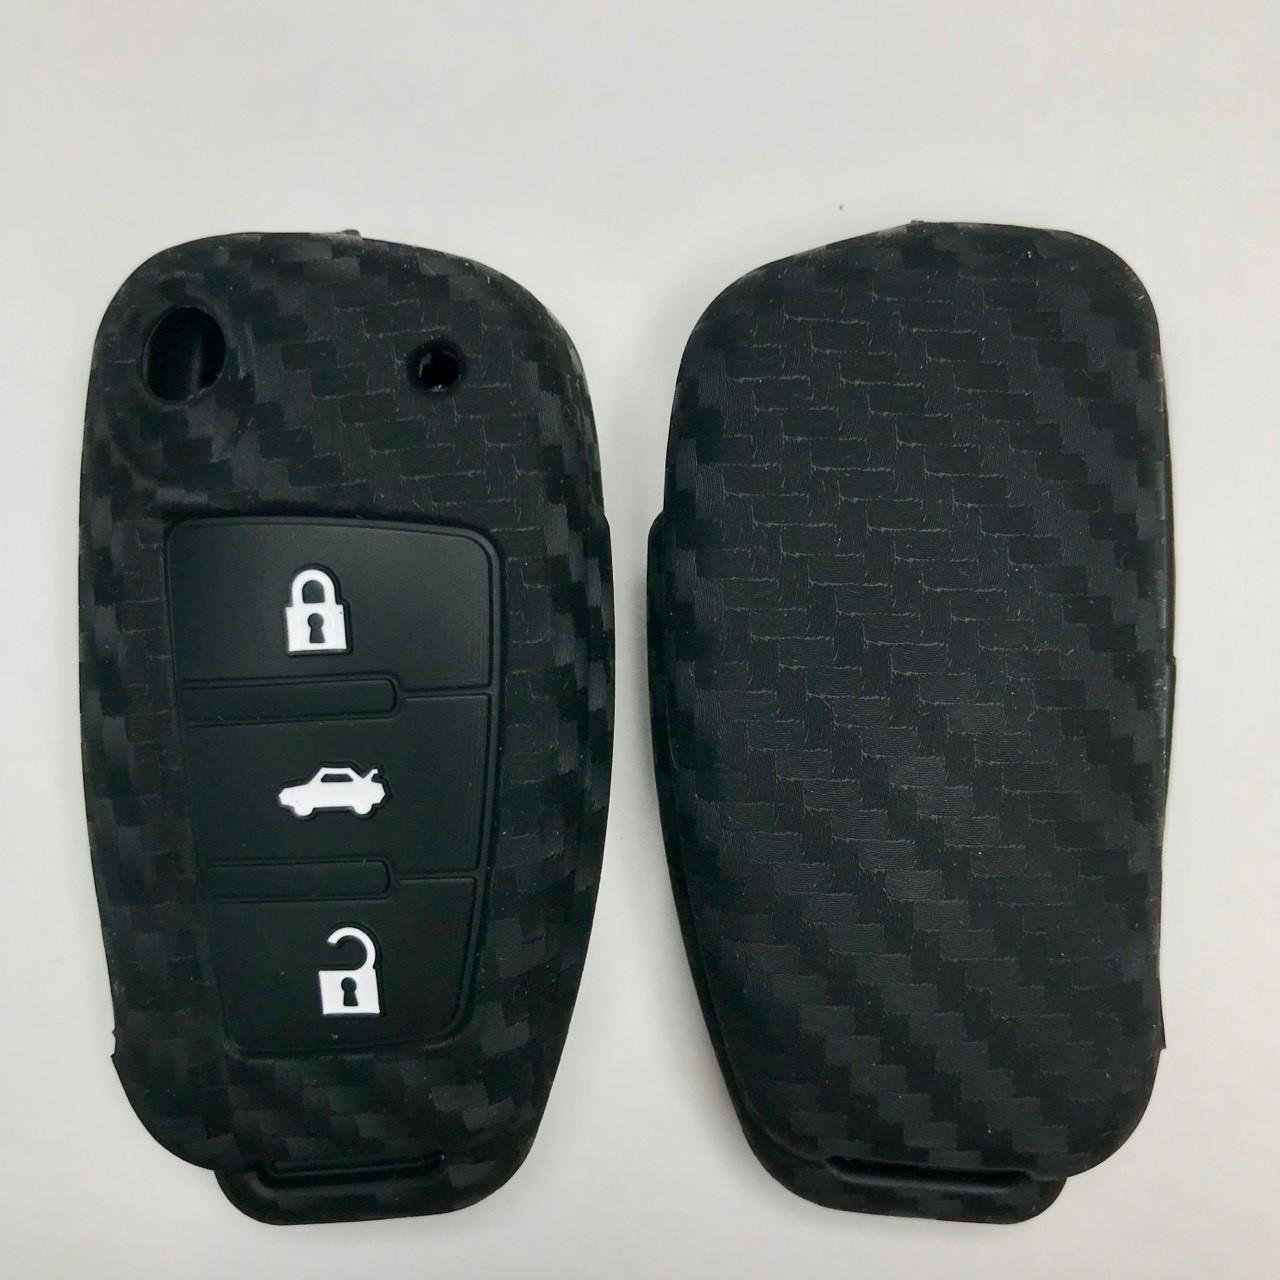 Силиконовый чехол для ключа Audi A1,A3,A4,A5,A6,A6 ALLROAD QUATTRO,A7,A8,Q2,Q3,Q5,Q7,Q8,R8,RS Q3,RS3,RS4,RS5